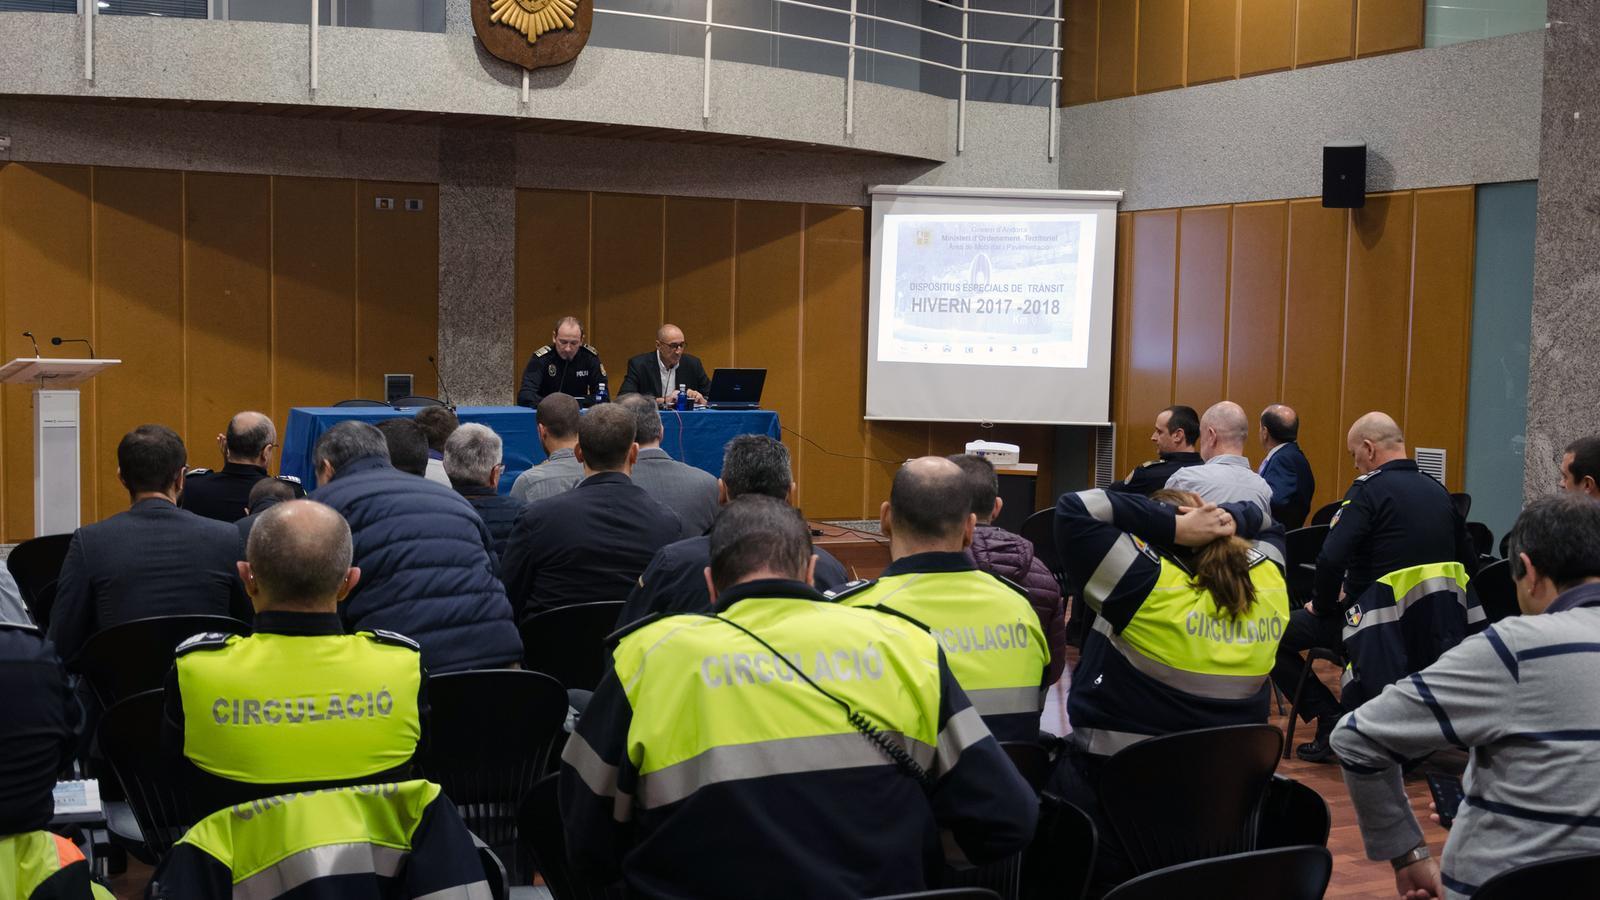 Reunió de la Taula de gestió del trànsit / D. R. (ANA)